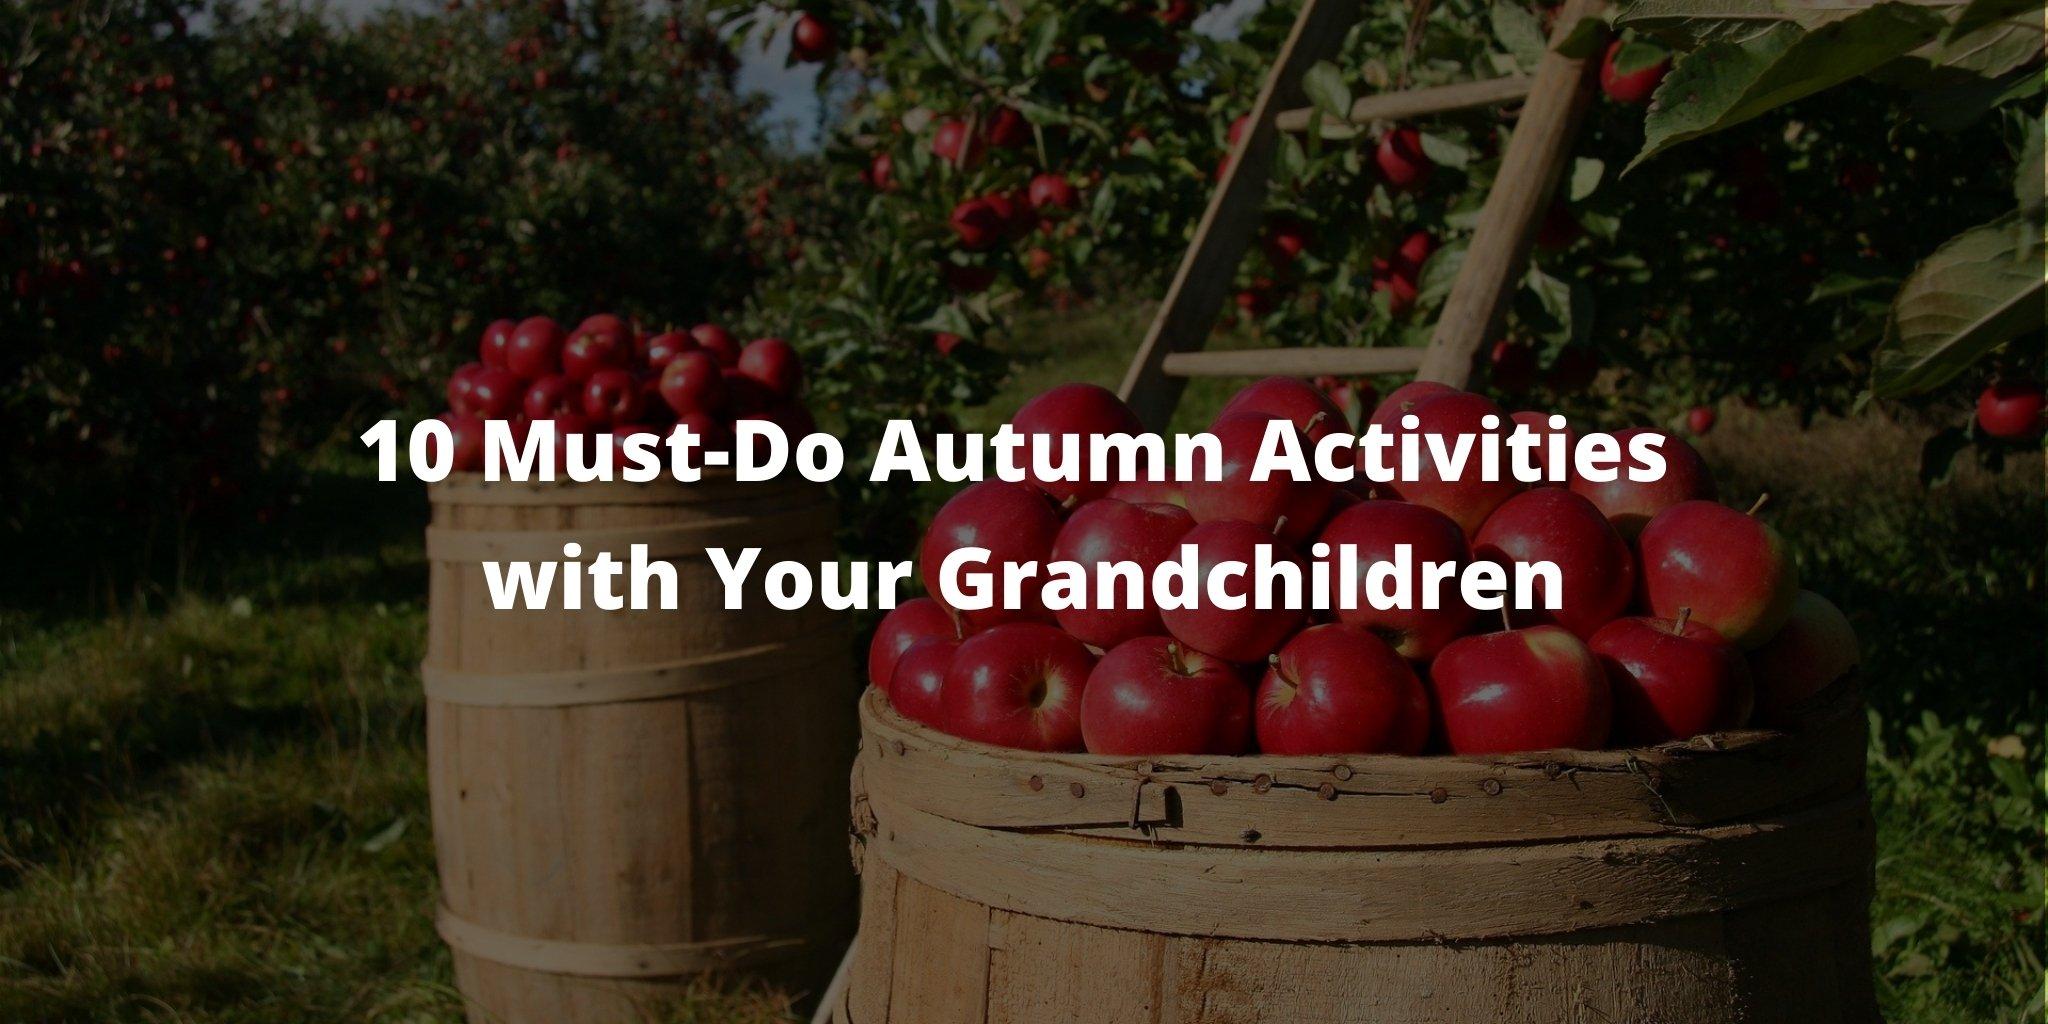 10 Must-Do Autumn Activities with Your Grandchildren